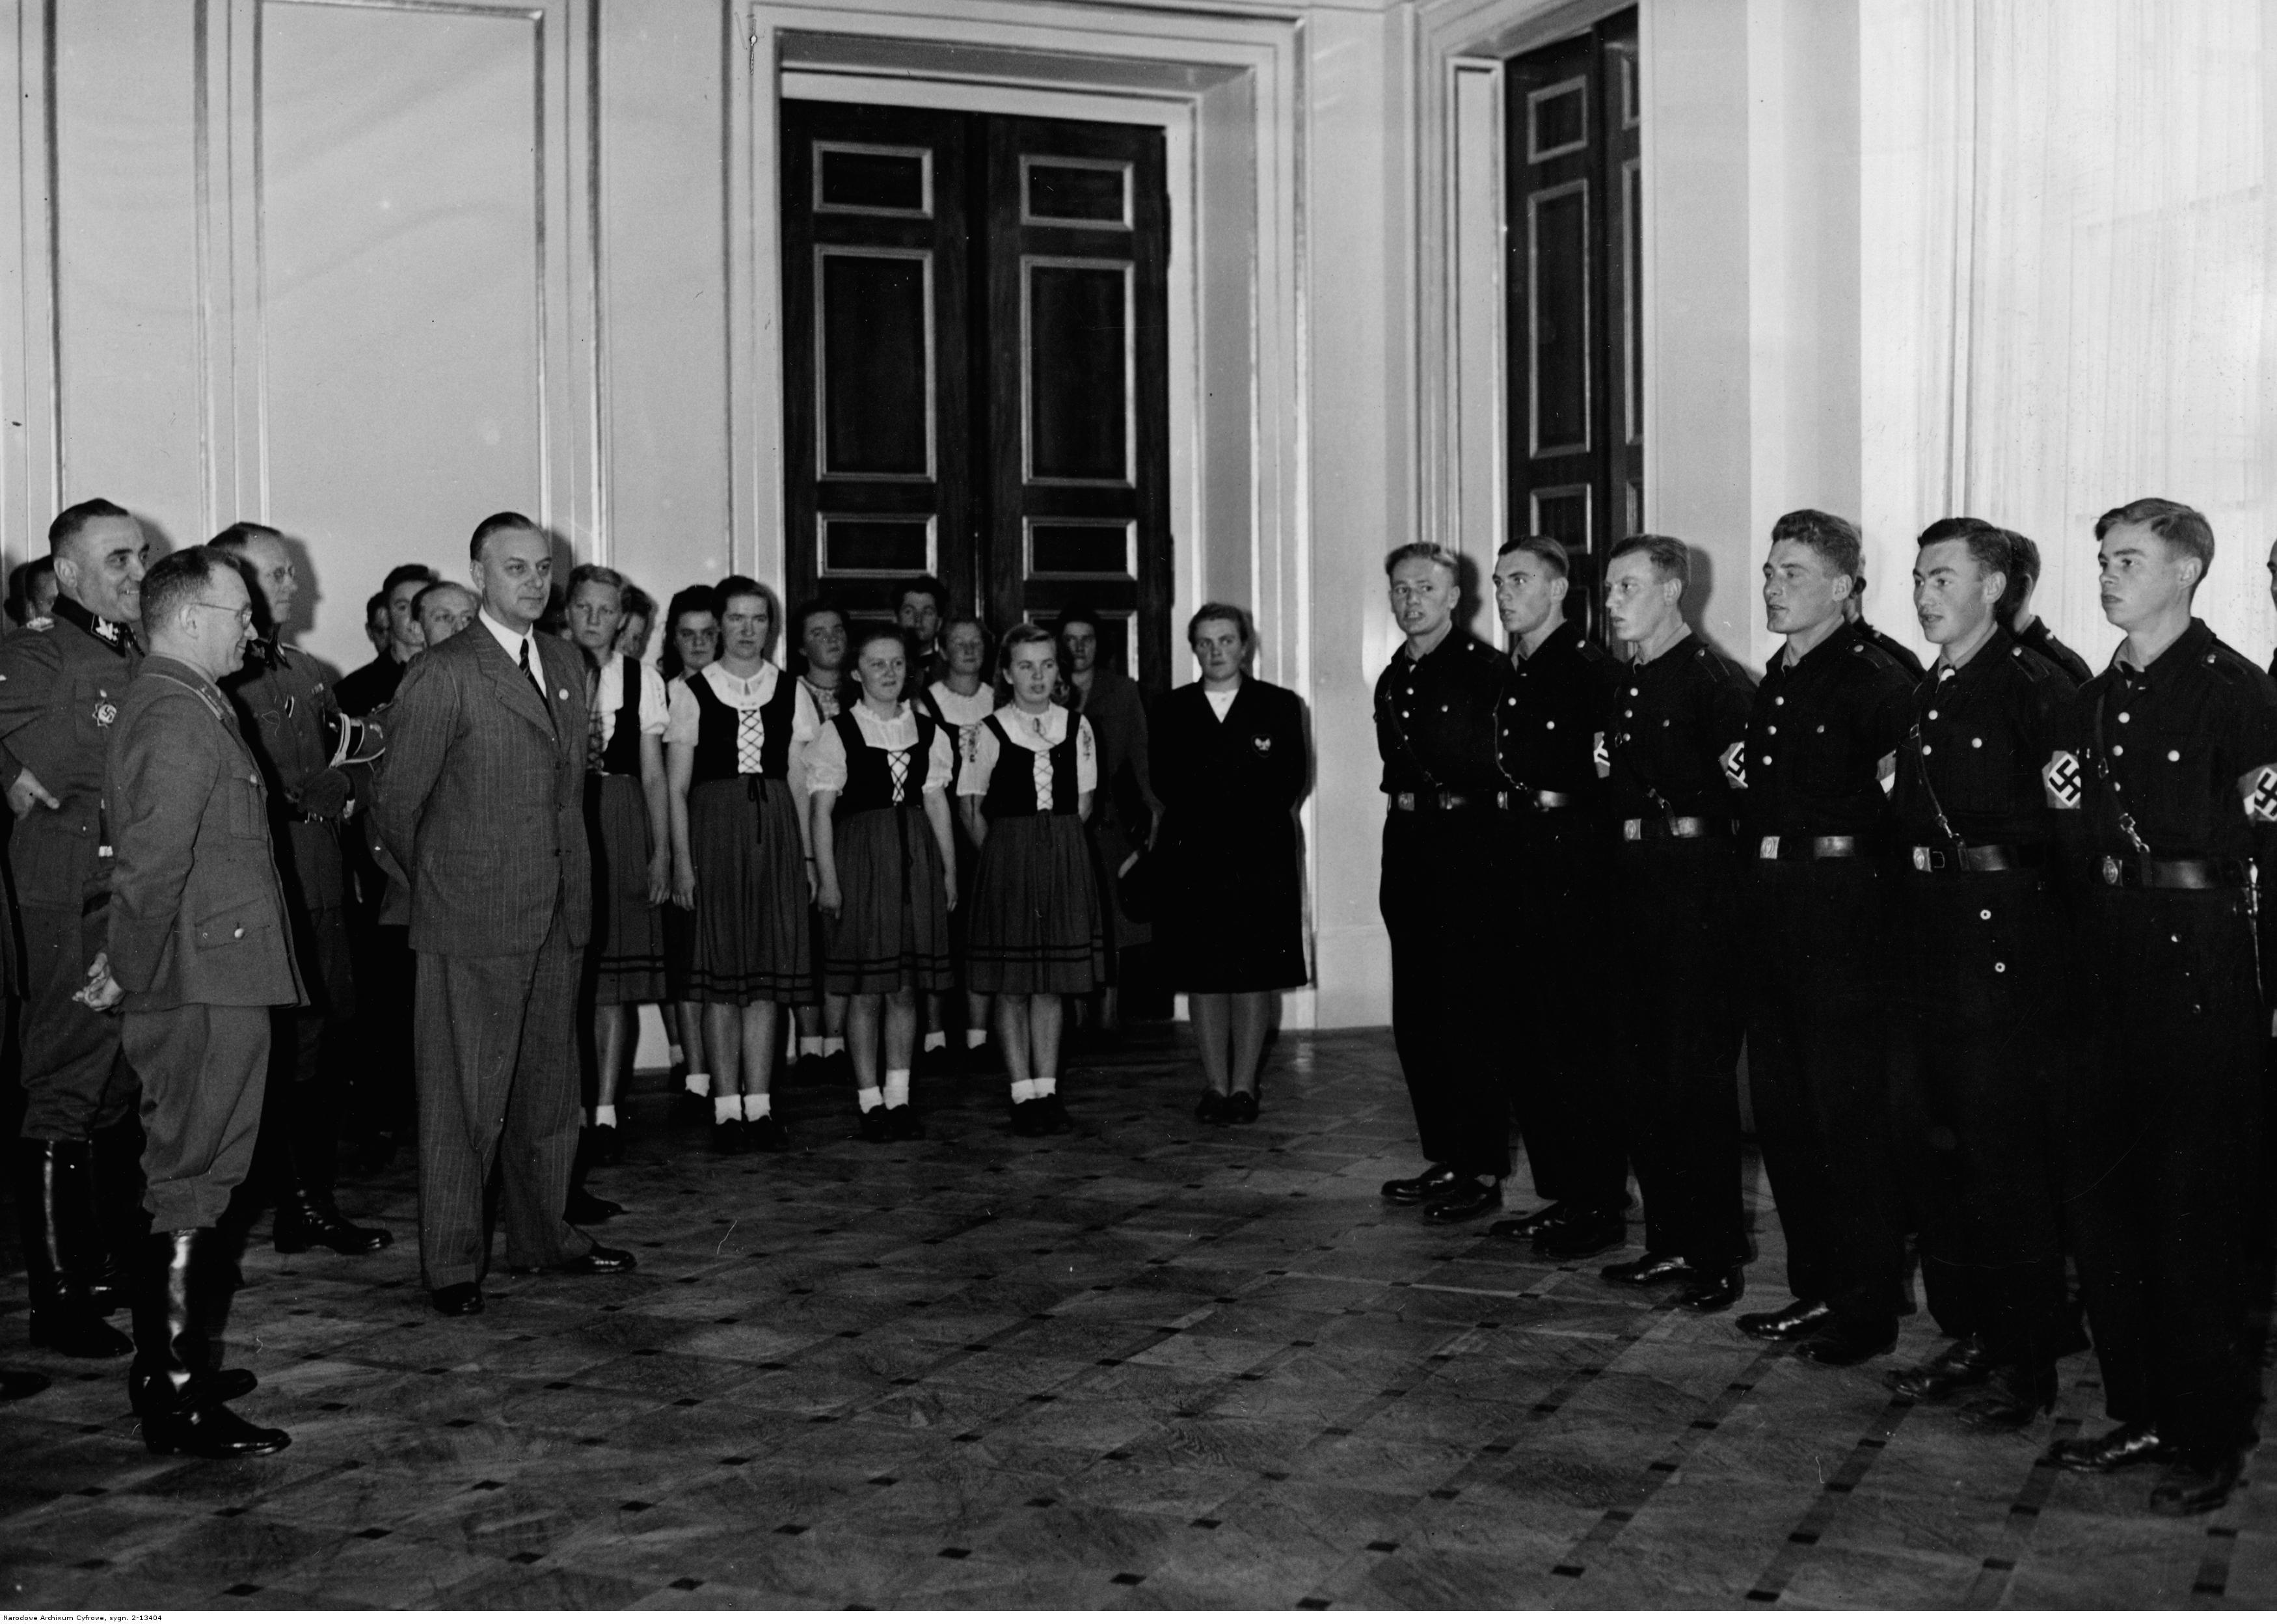 1943. Молодежь Украины и Литвы исполняет народные песни во время визита Альфреда Розенберга. Октябрь